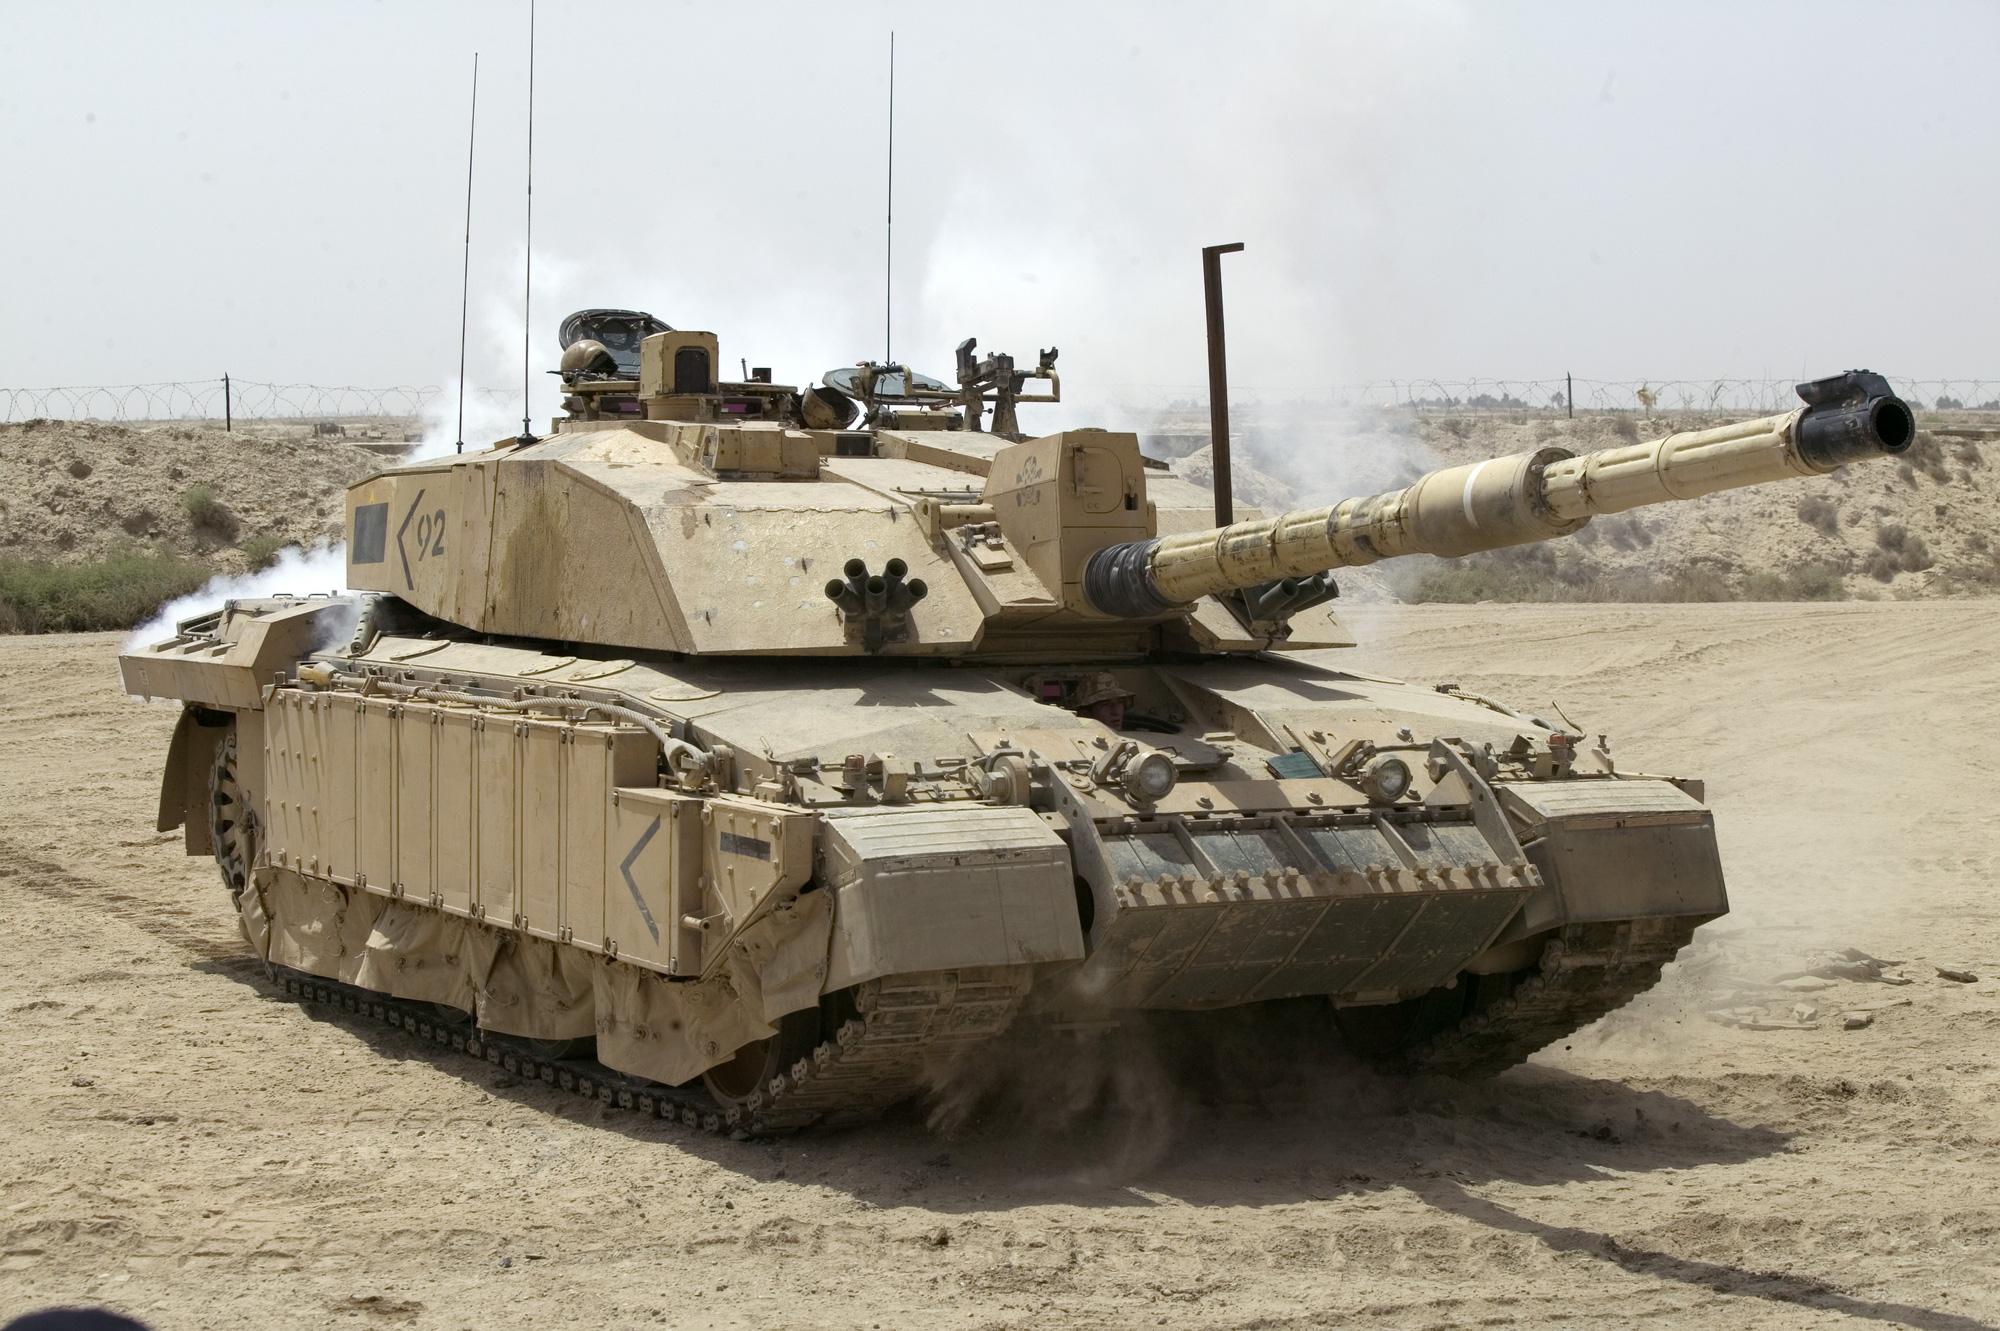 Anh: Game thủ công khai tài liệu mật của quân đội để bắt lỗi thiết kế xe tăng trong game - Ảnh 1.